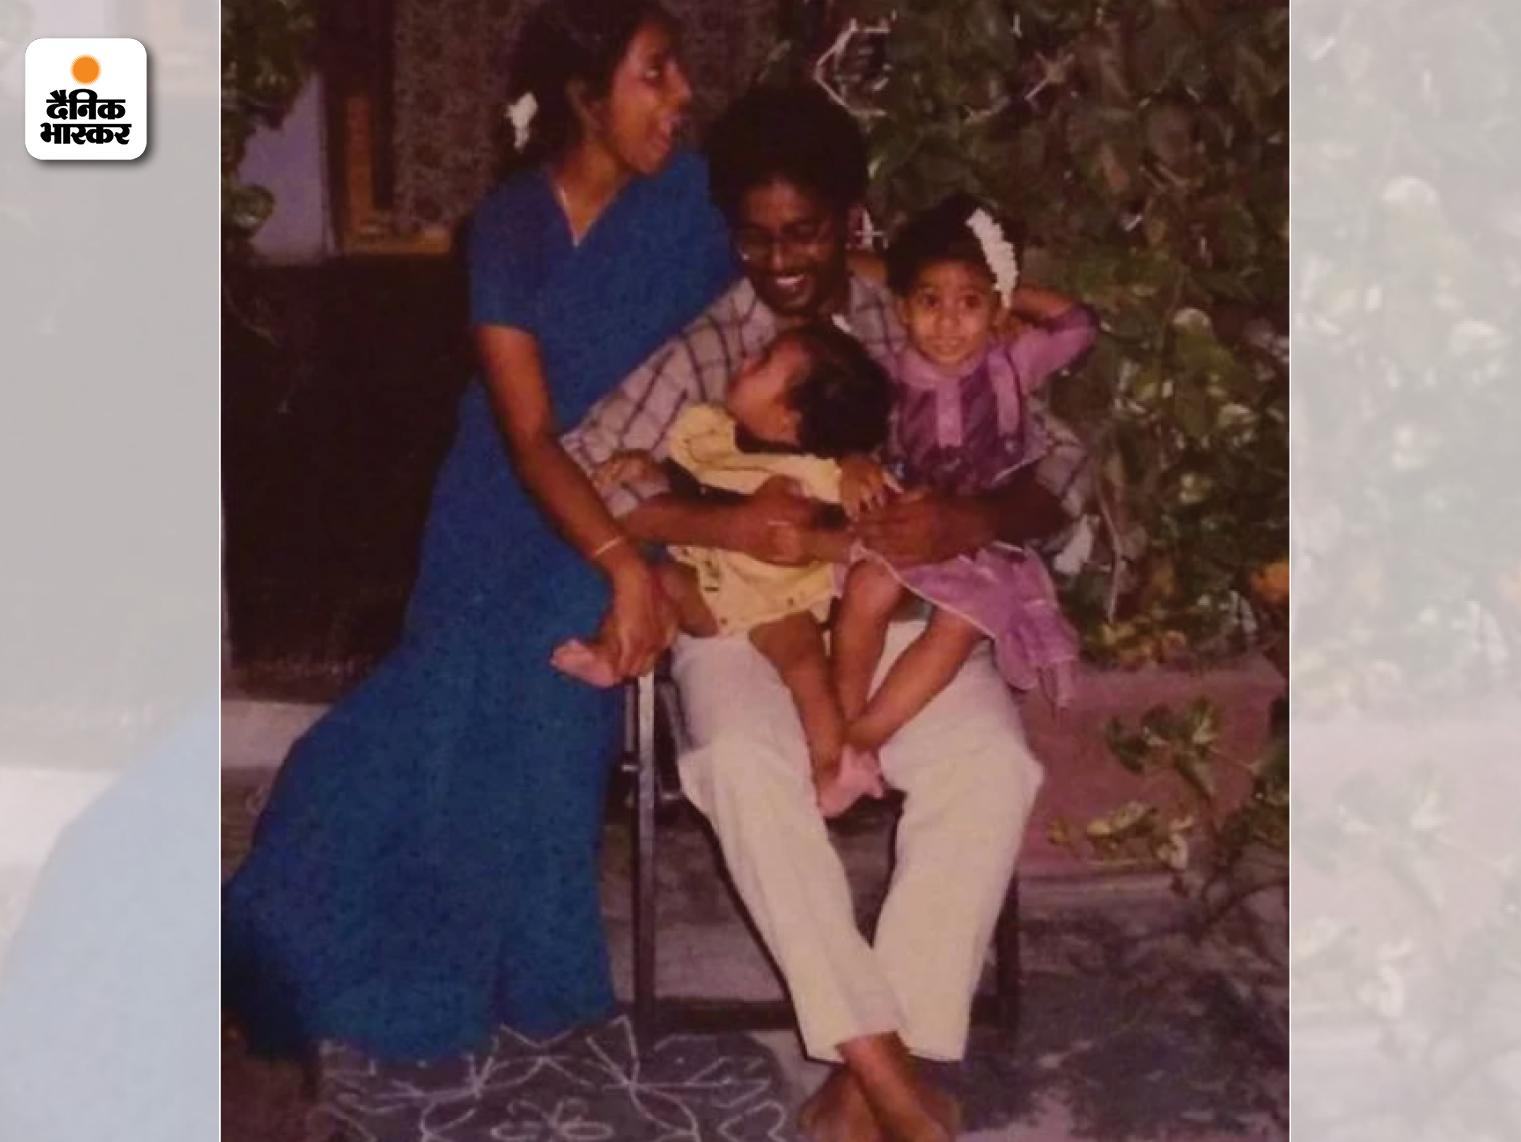 सिरिशा के बचपन की तस्वीर। इसमें वो अपने पिता बी मुरलीधर, मां अनुराधा और बहन प्रत्यूषा के साथ हैं।